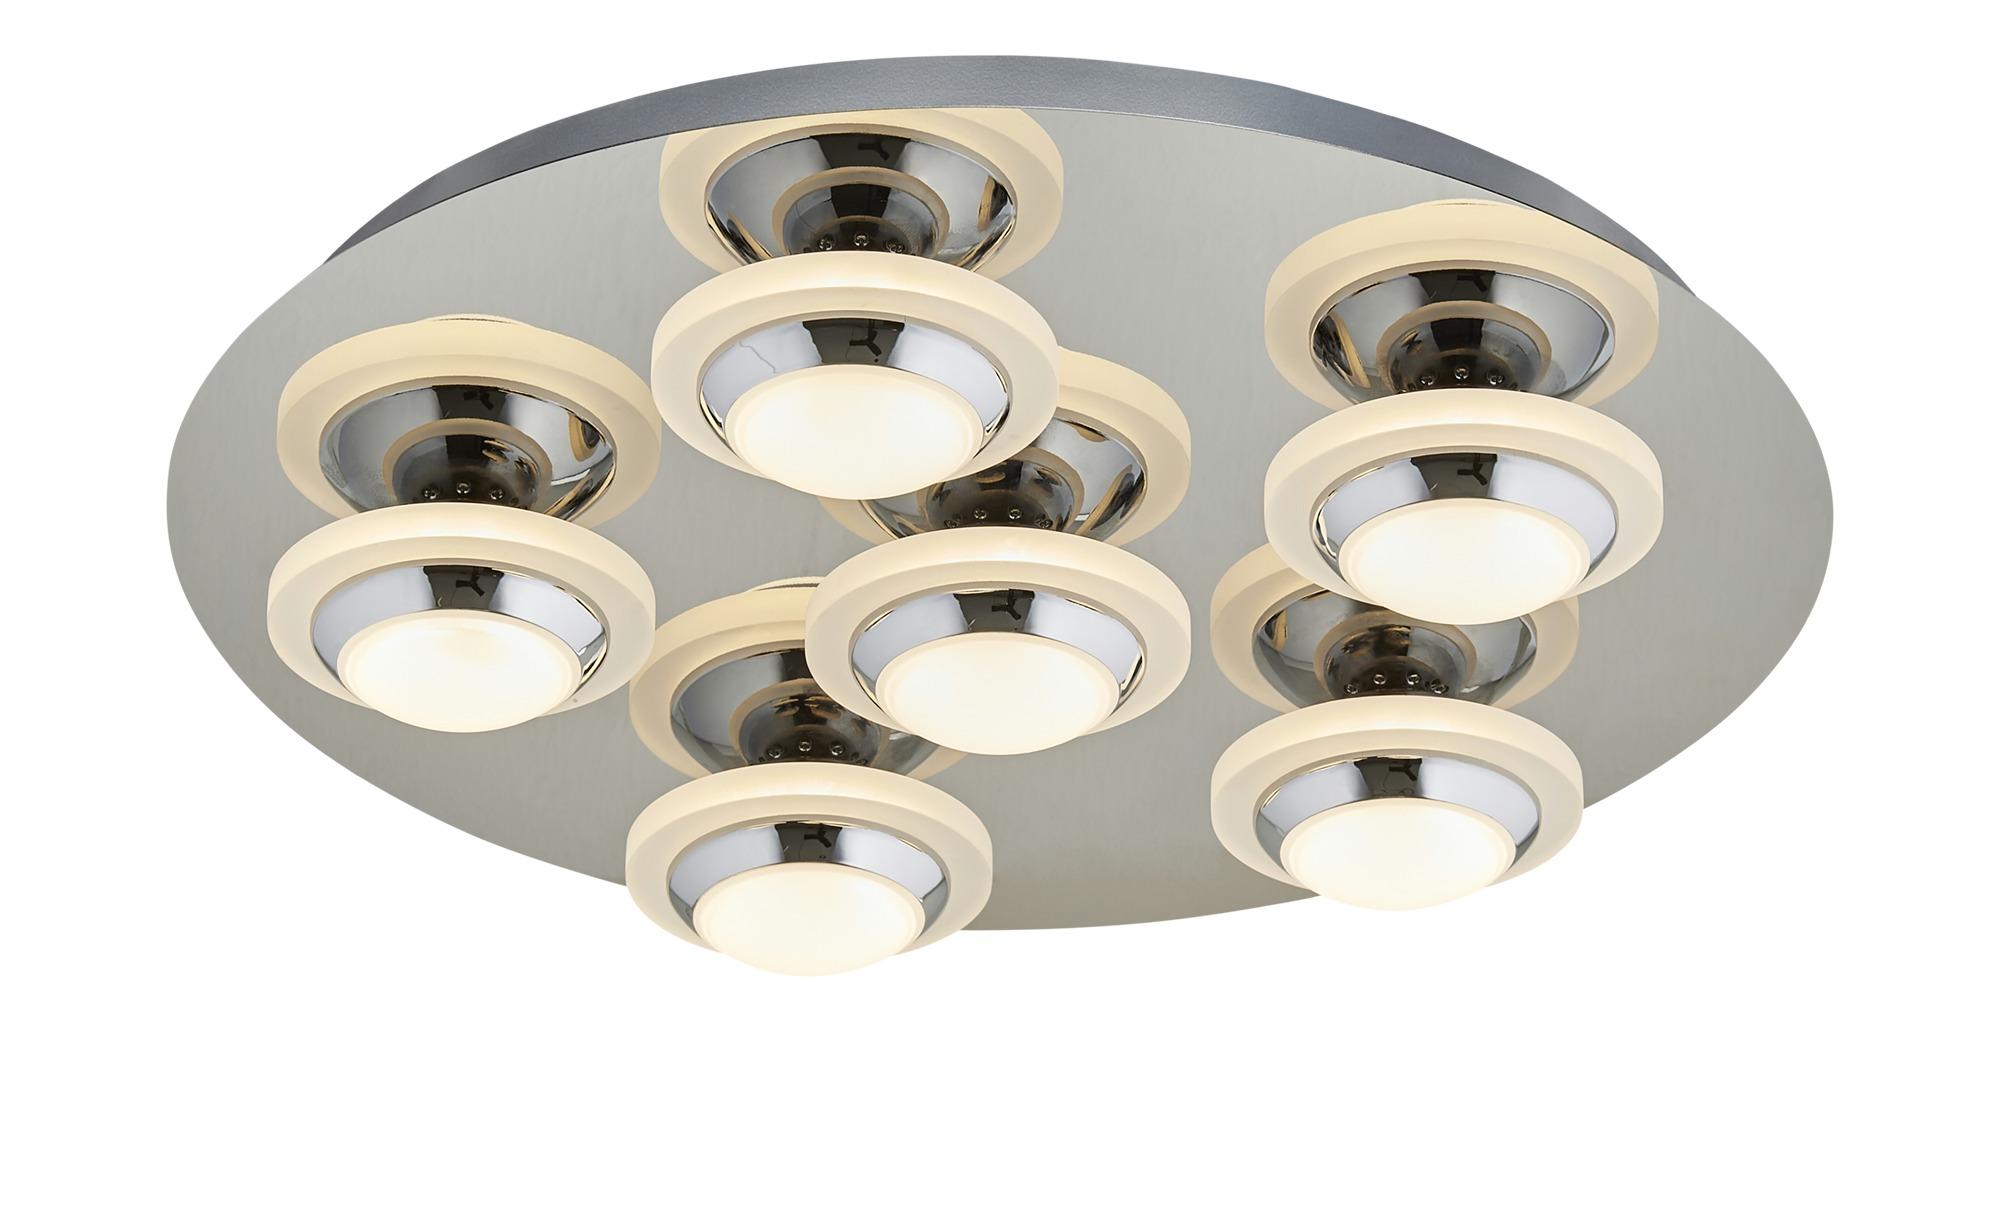 KHG LED-Deckenleuchte, 6-flammig, Chrom ¦ silber ¦ Maße (cm): B: 39 H: 7,5 Lampen & Leuchten > Innenleuchten > Deckenleuchten - Höffner